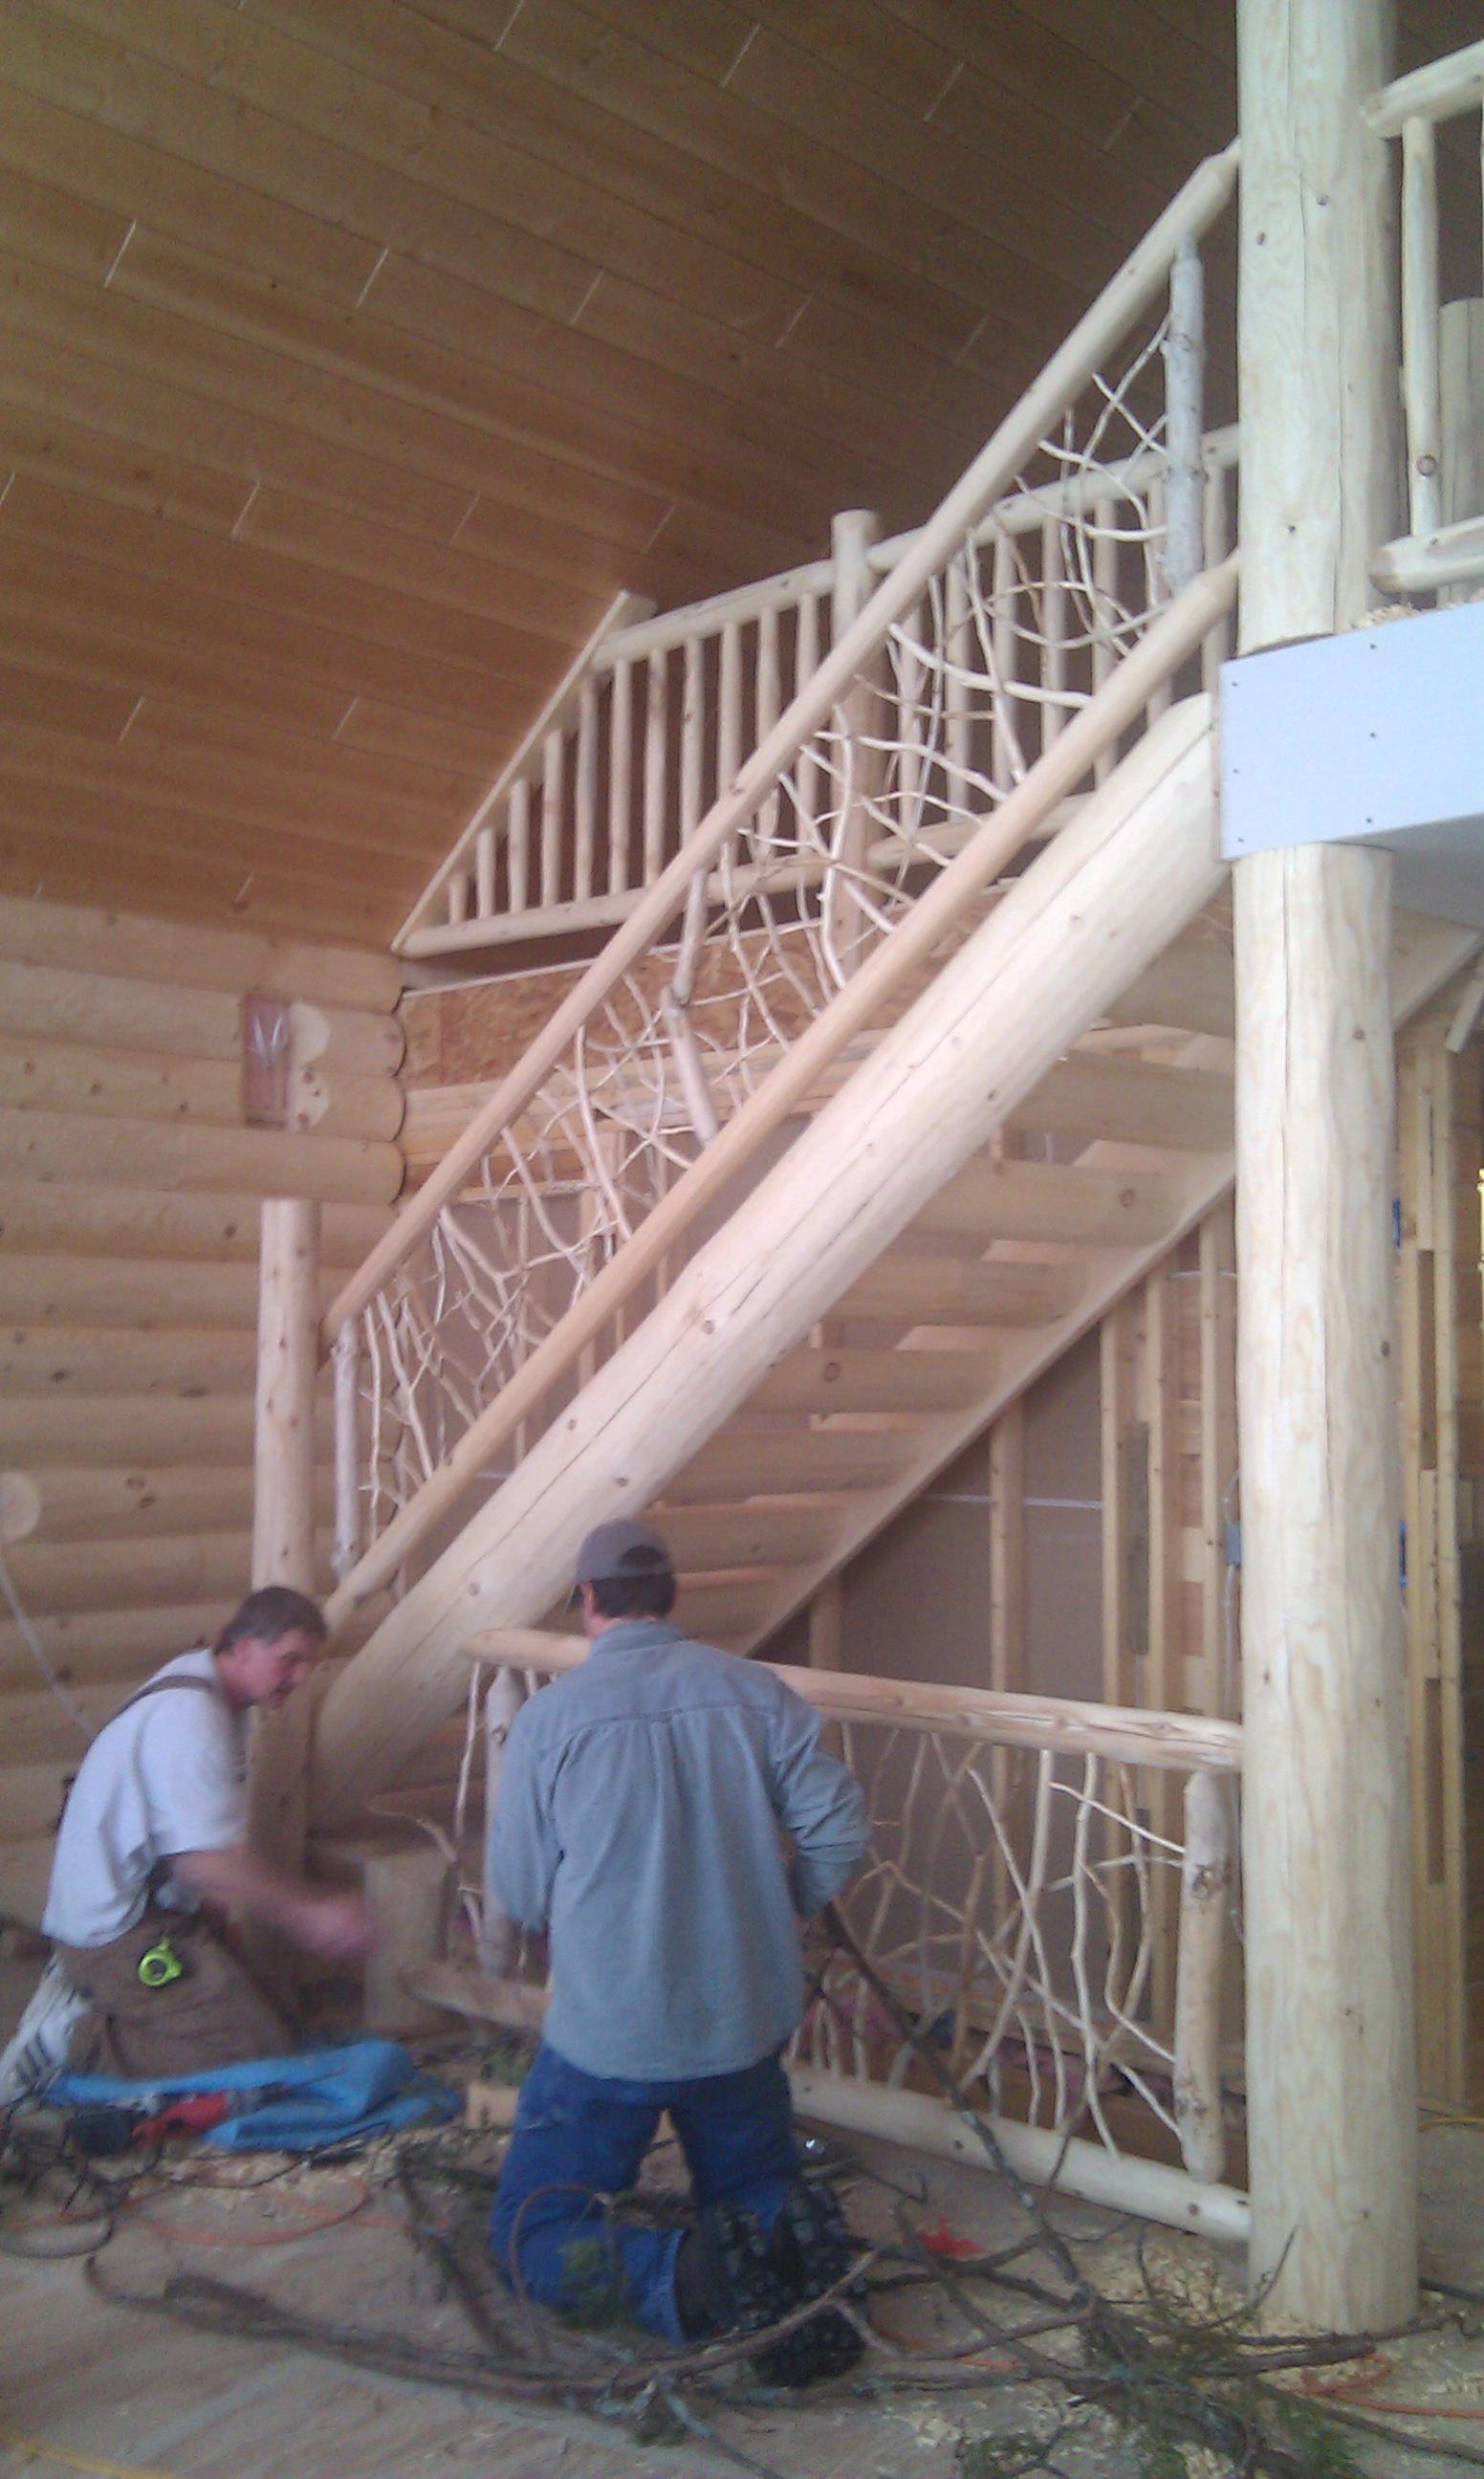 Mortise & Tenon Log Stair v6